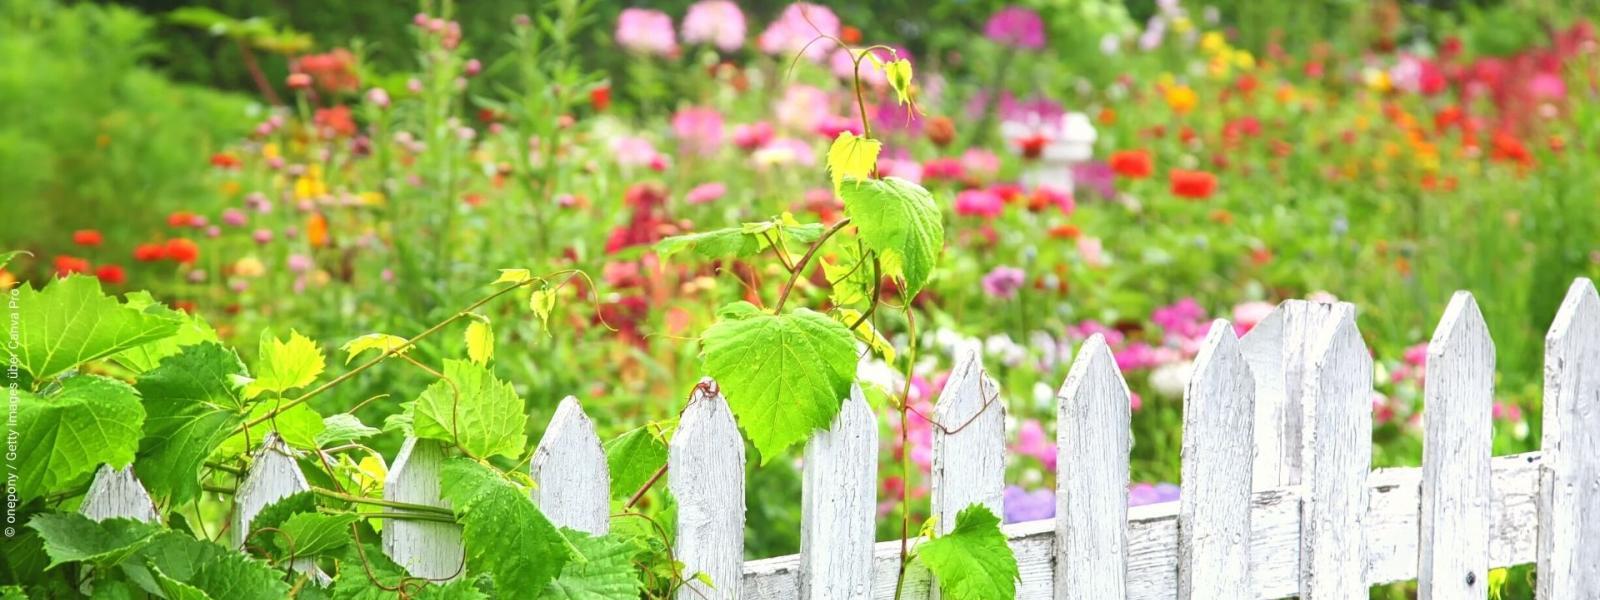 Lust auf bunte Vielfalt im Garten? Hier gibt's die Tipps. Foto: onepony / Getty Images über Canva Pro